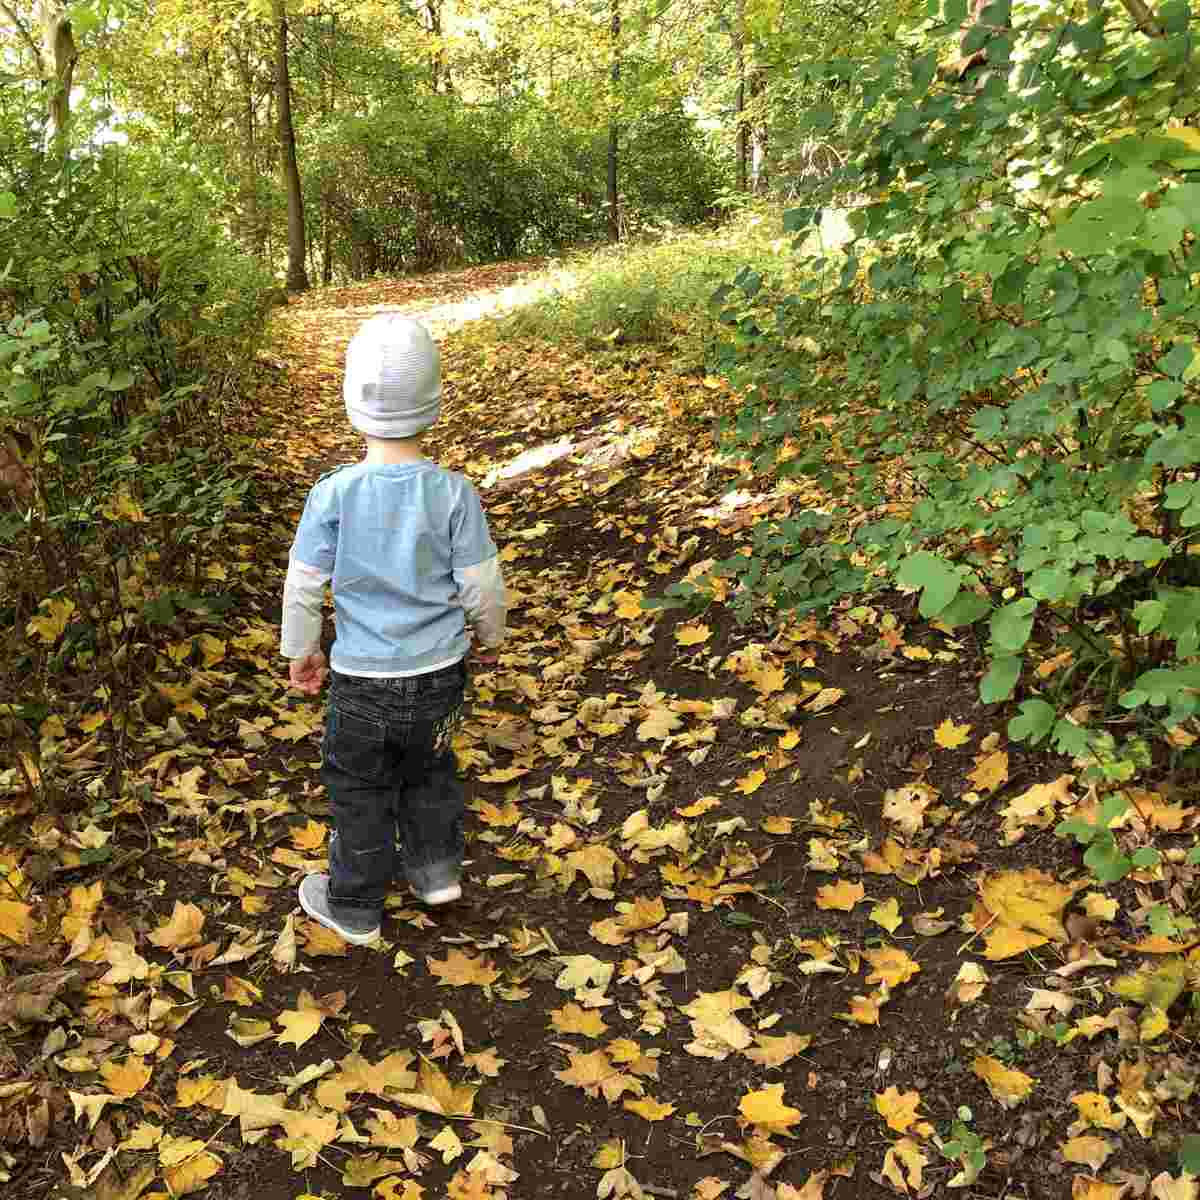 Wochenende in Bildern #WiB 41 2019 – Goldener Herbst